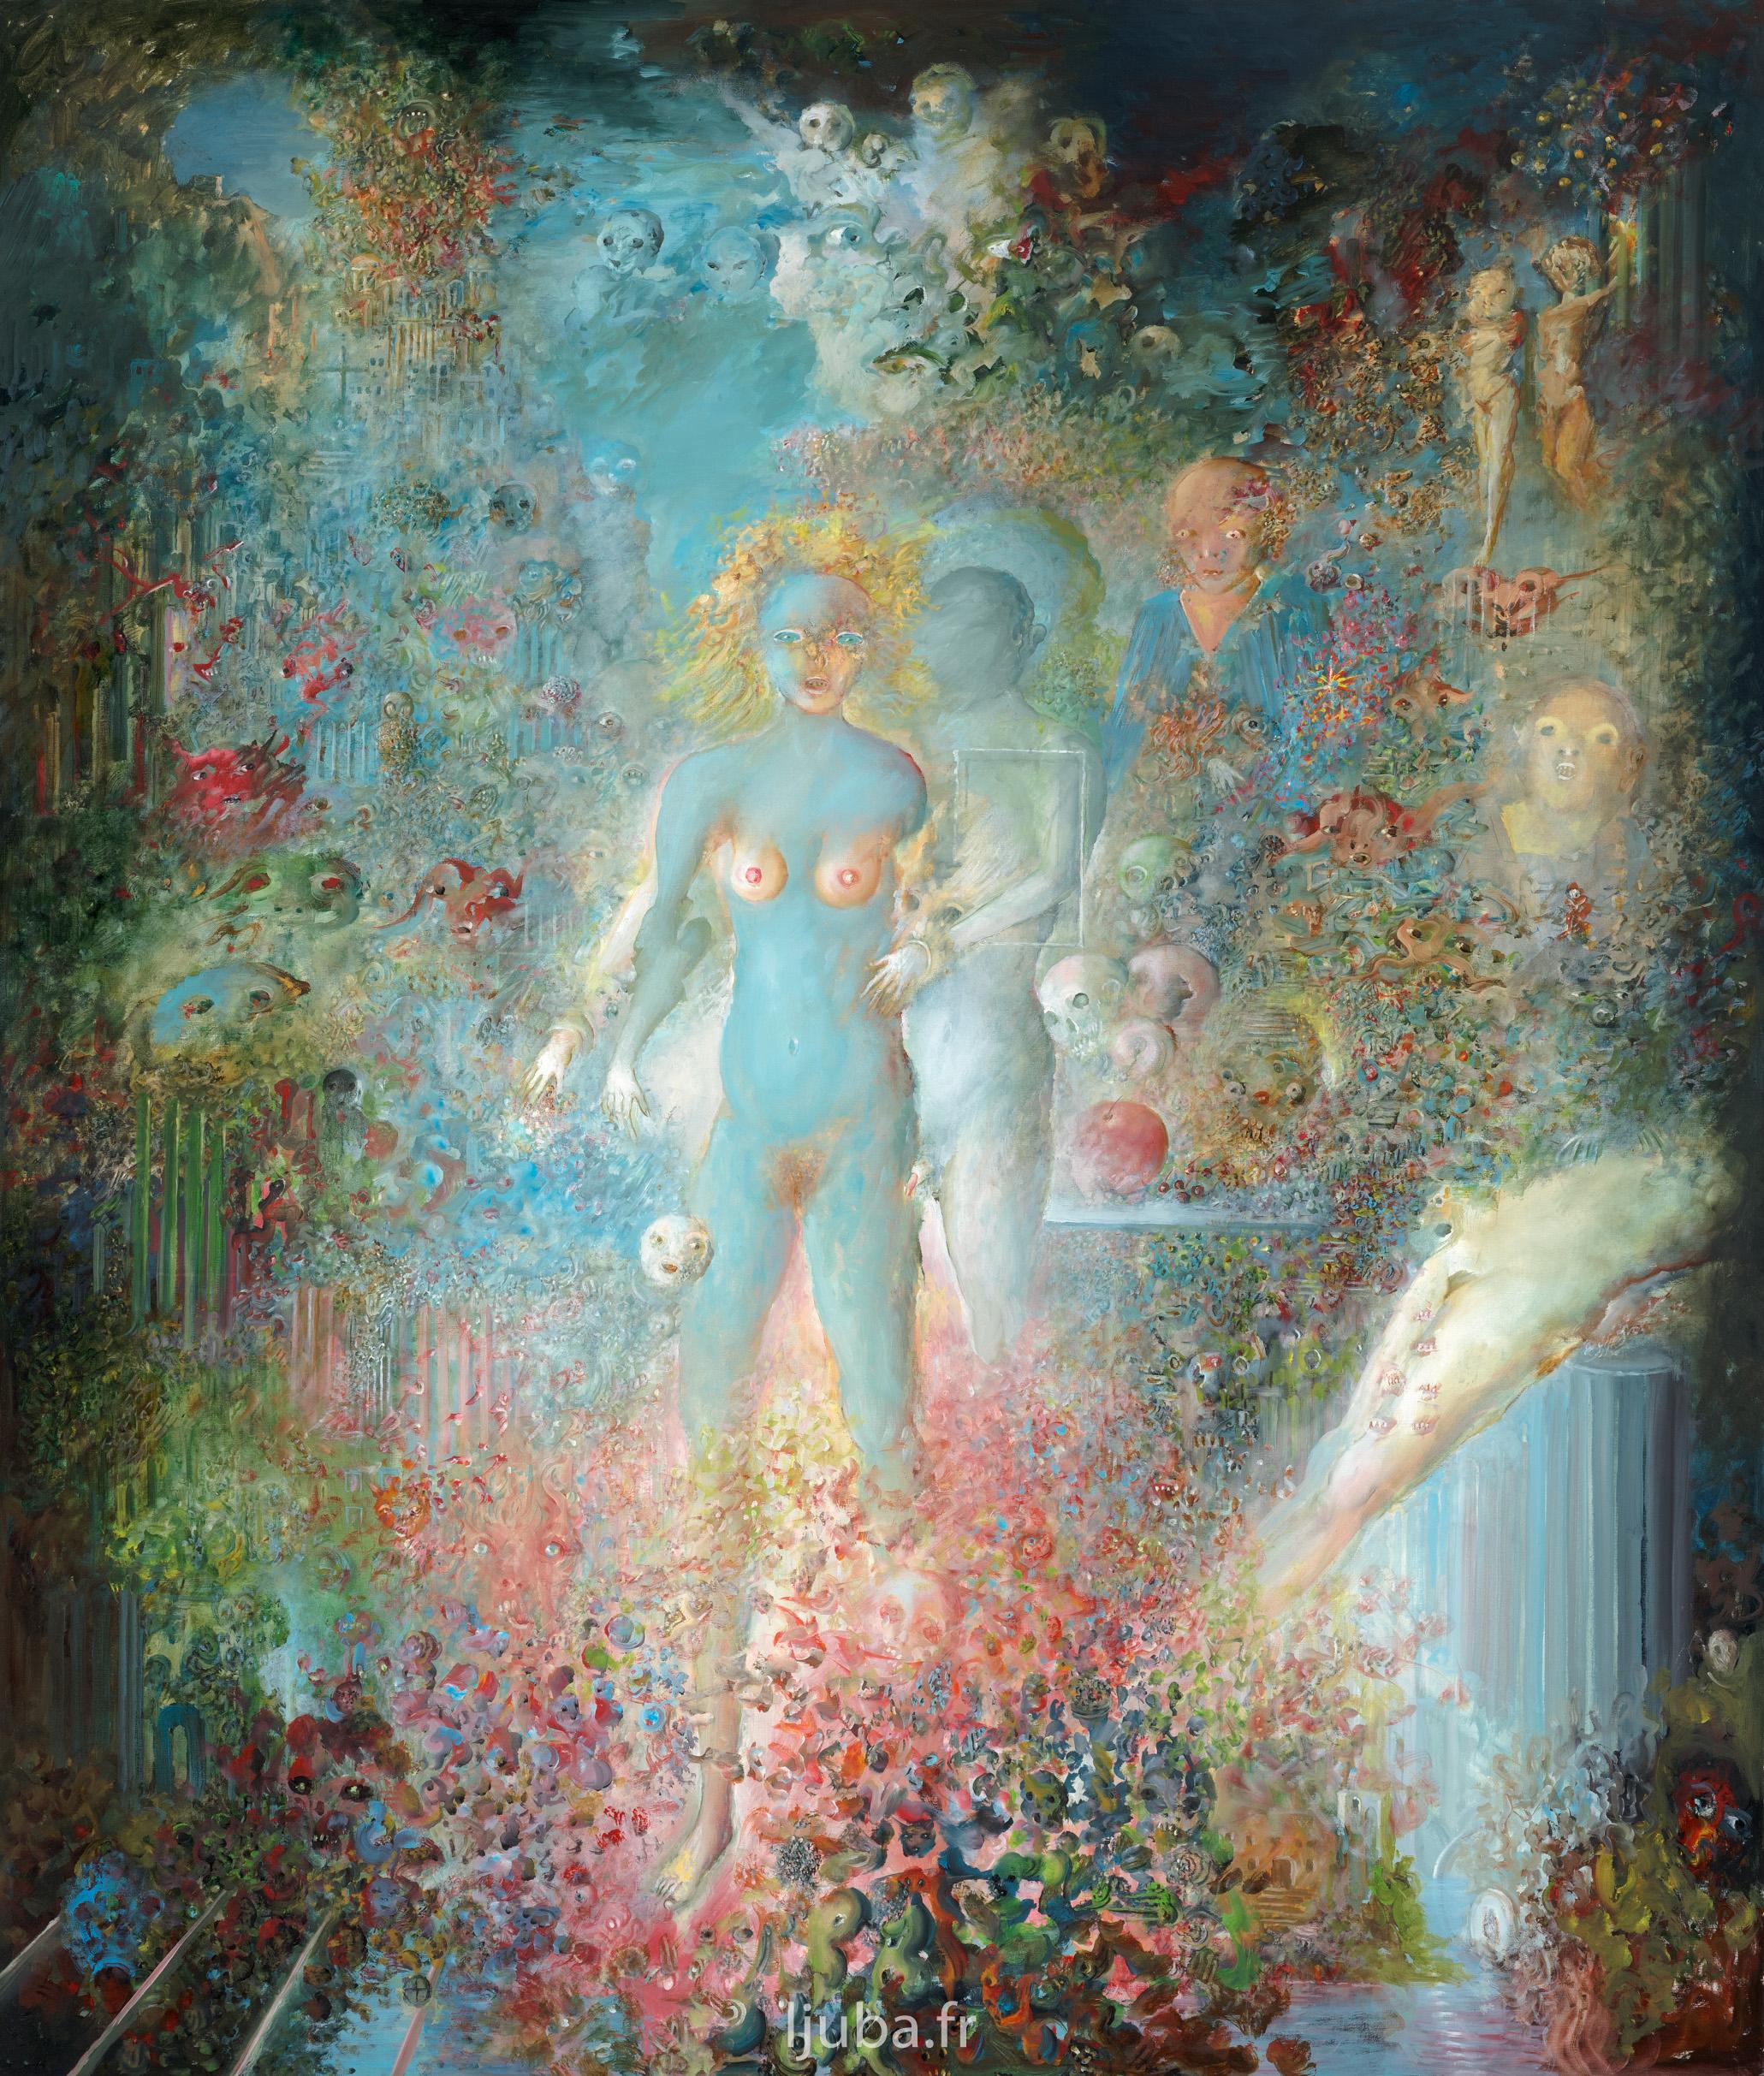 Ljuba Popovic - 2007-06, Stvaranjesveta, Adam i Eva